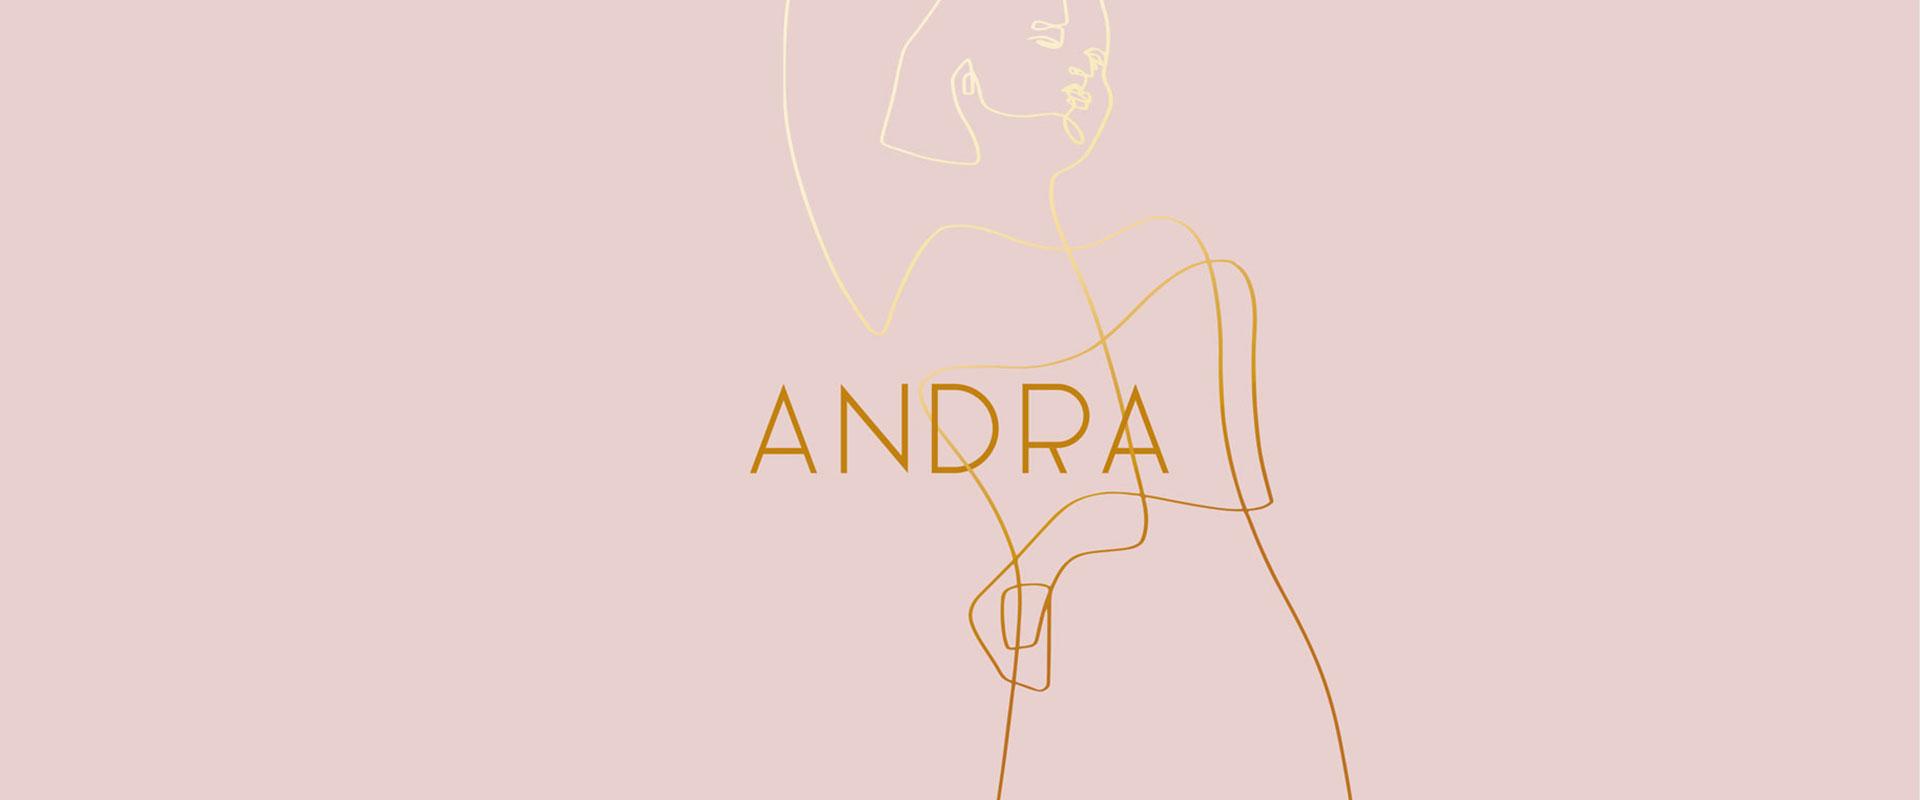 Andra Wine. Linien, die eine Frau zeichnen.